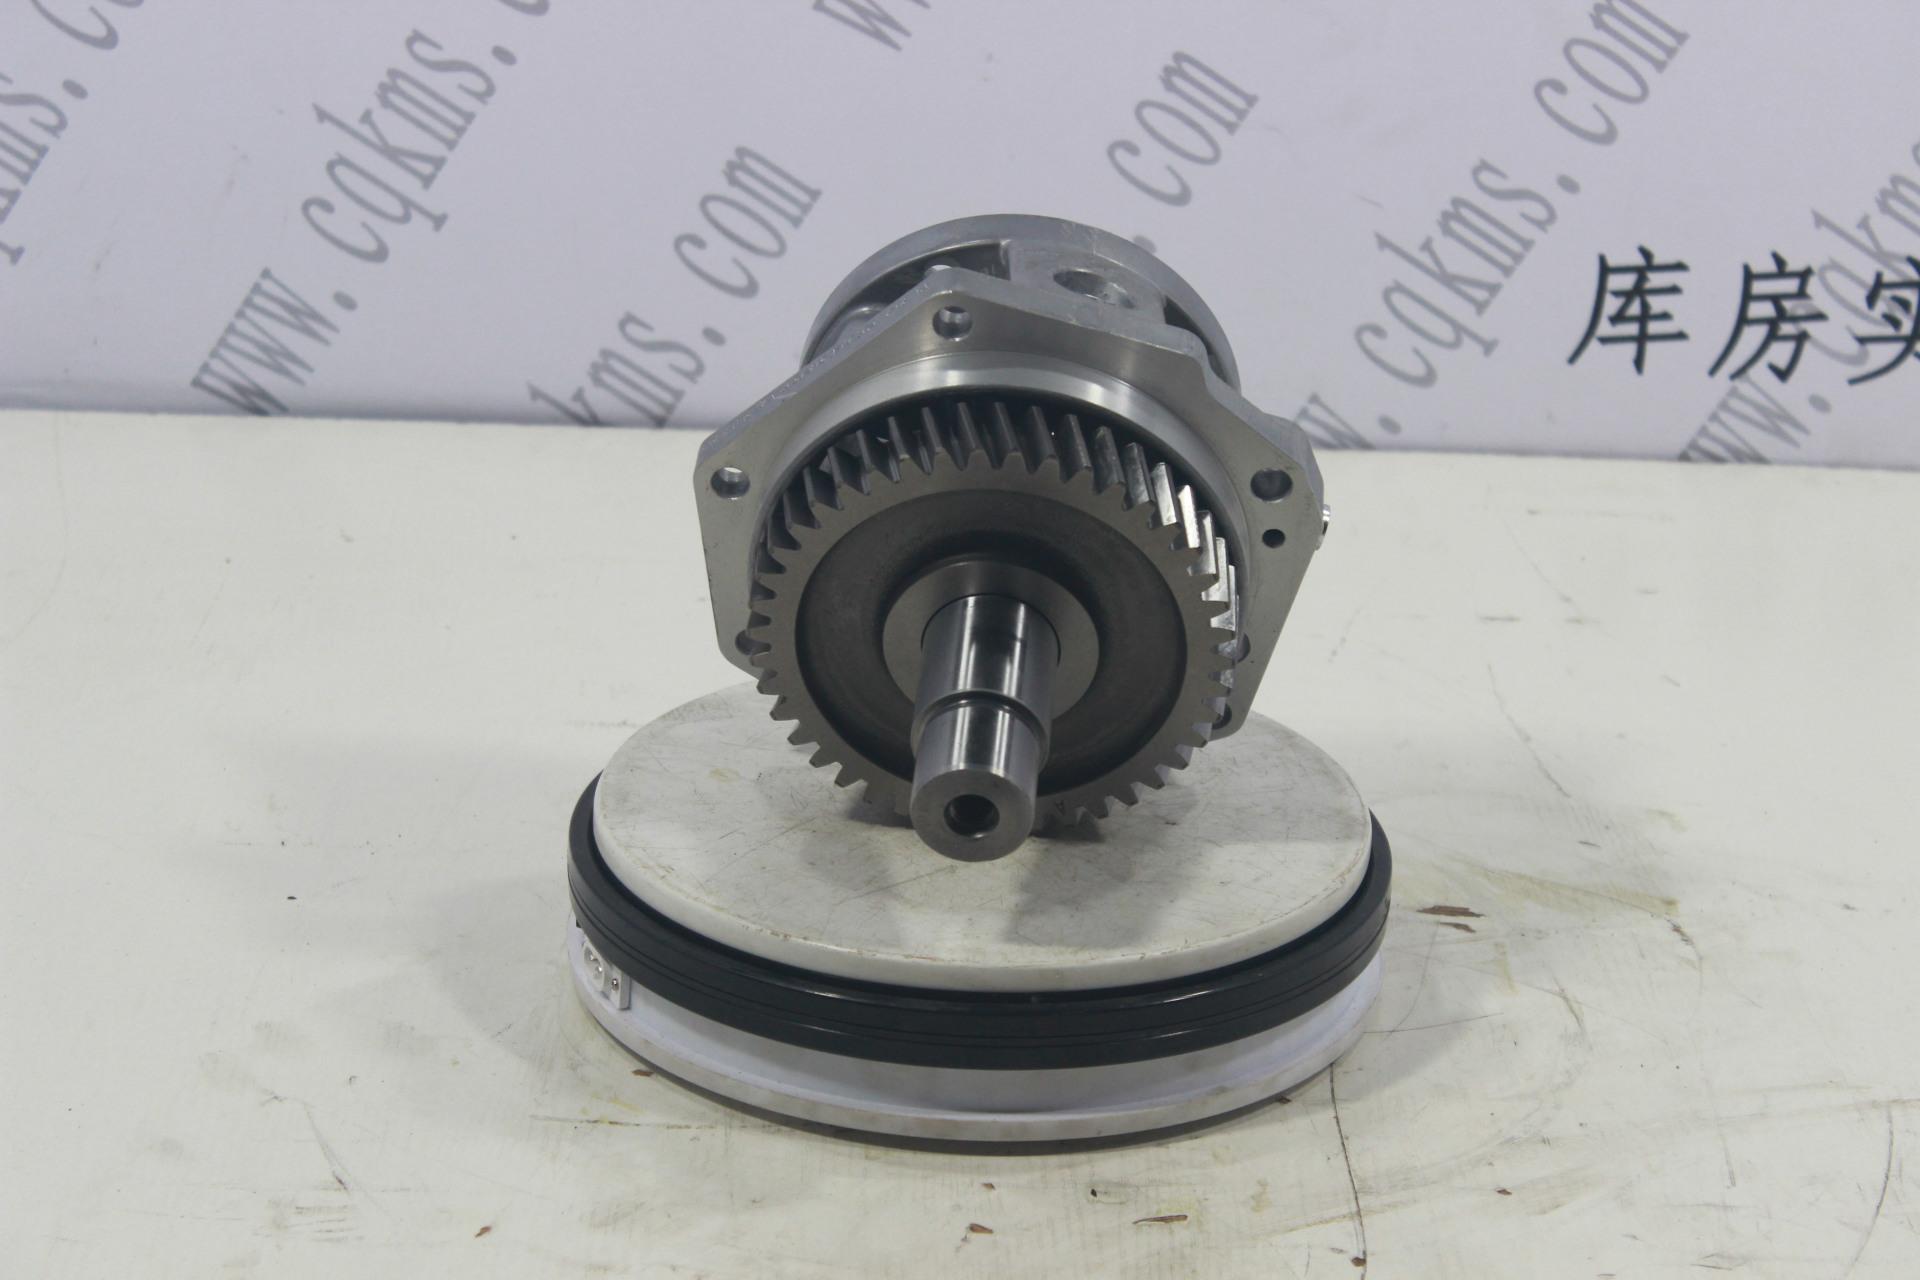 kms00928-4986318-辅助驱动装置----参考重量5.15KG-5.15KG图片6